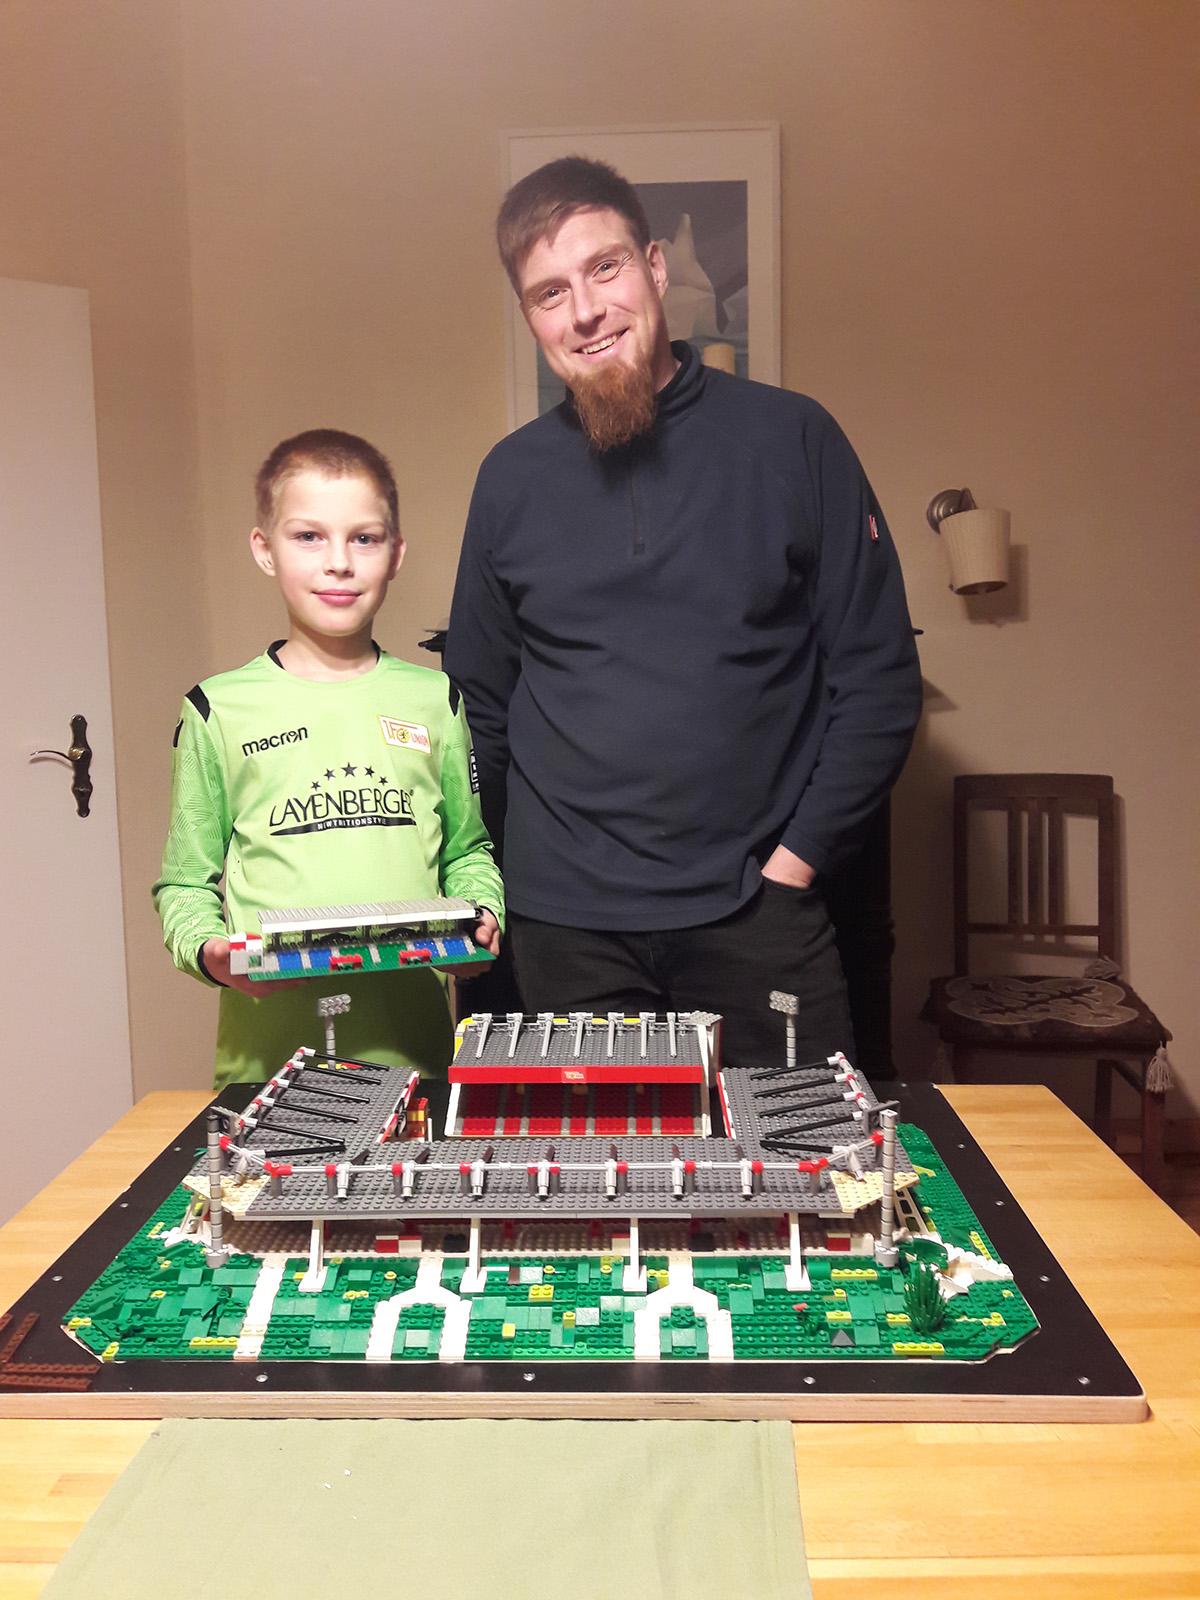 Zurecht sehr stolz: Björn und sein Sohn vor ihrem Lego-Modell des Stadions an der Alten Försterei, Foto: Björn